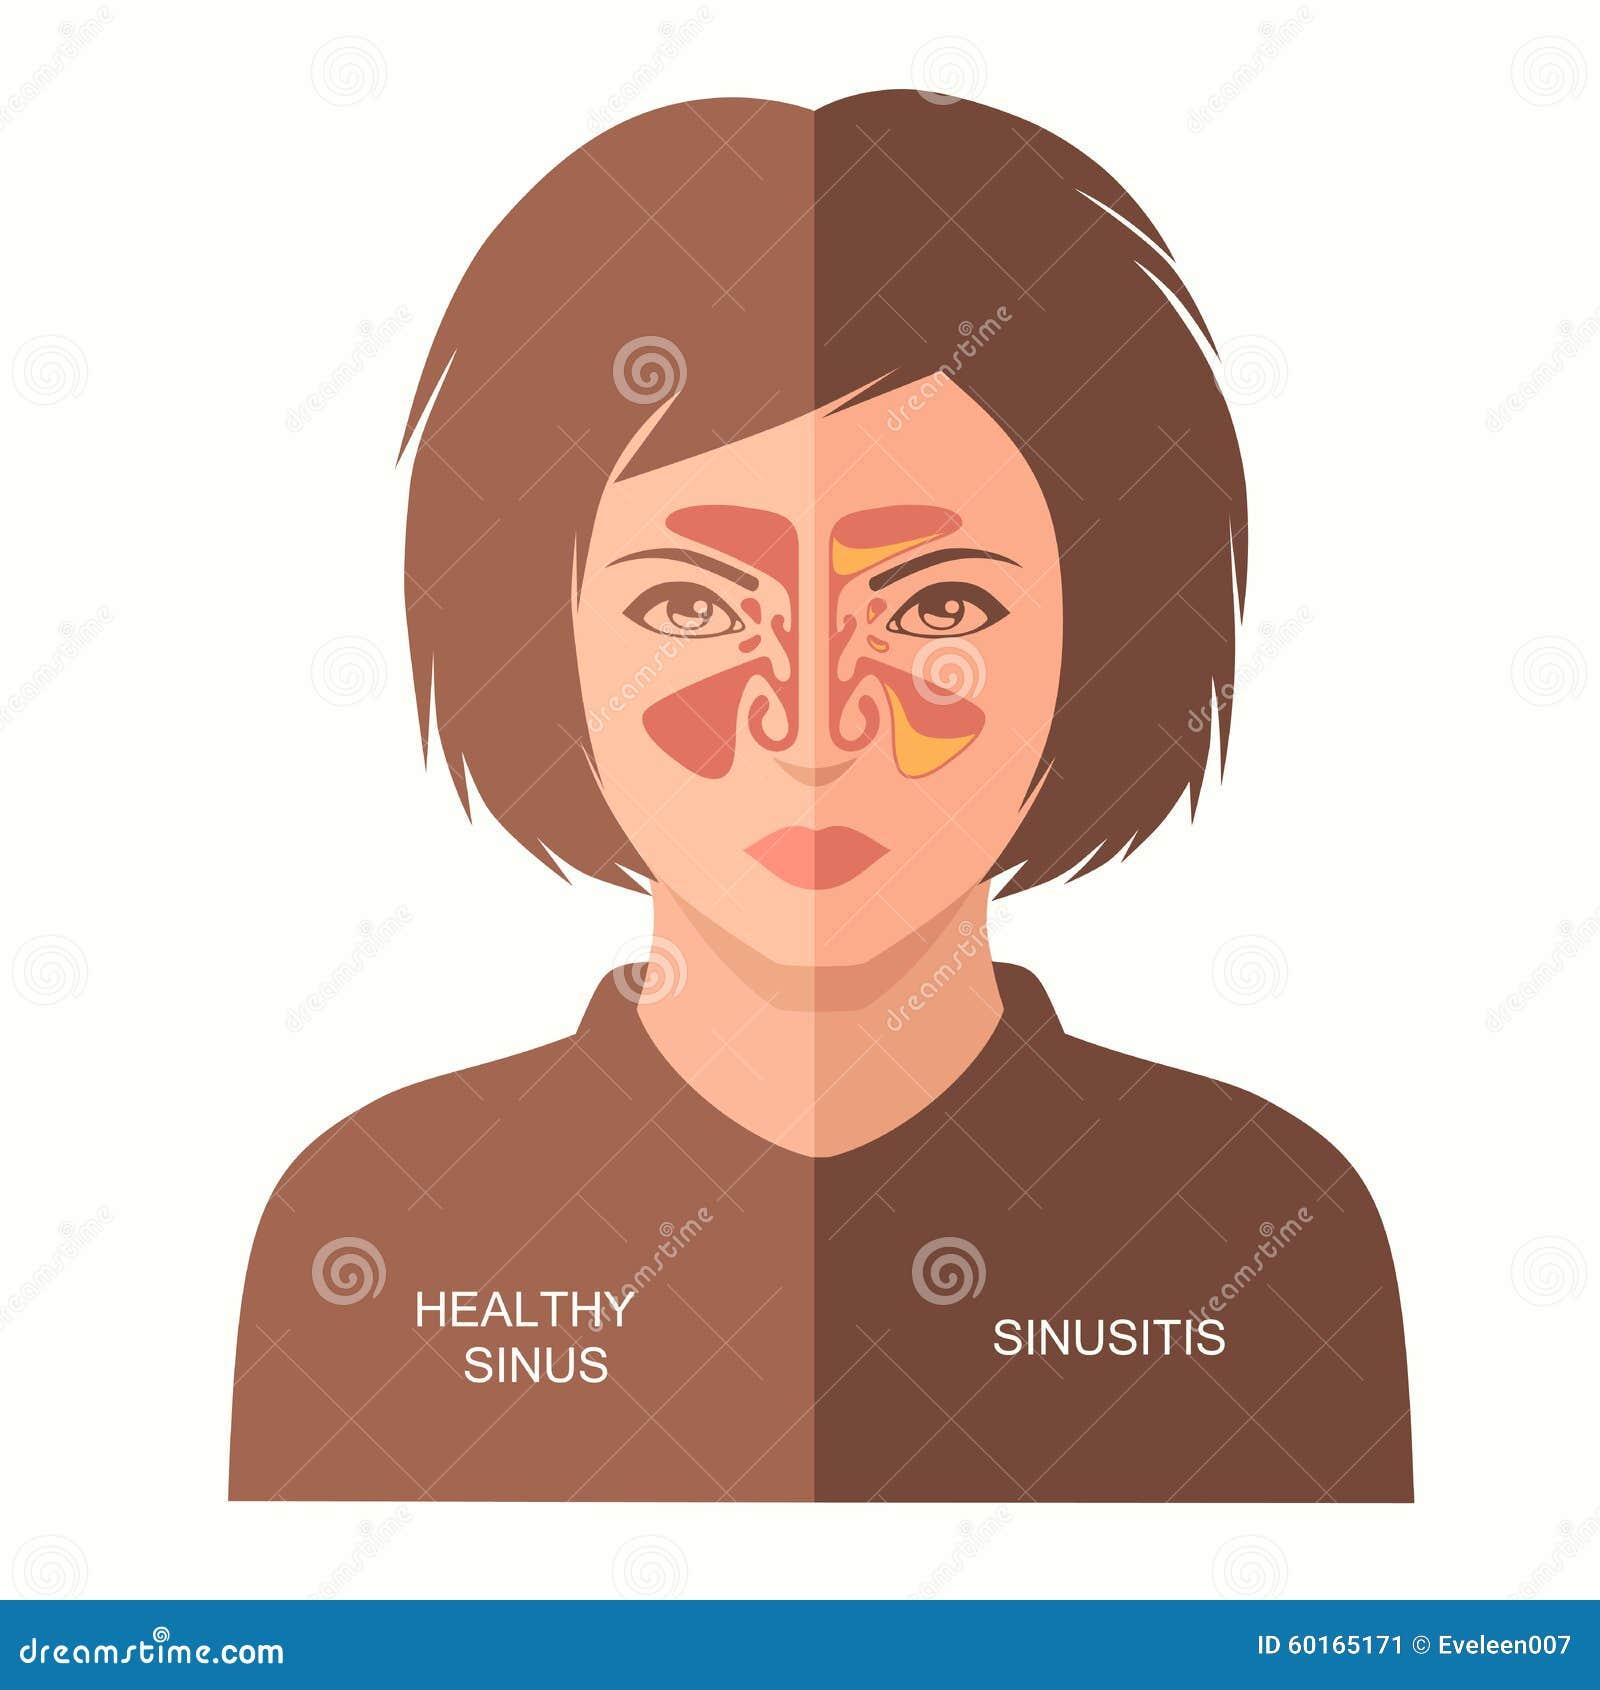 Sinusitis disease, stock vector. Illustration of healthcare - 60165171